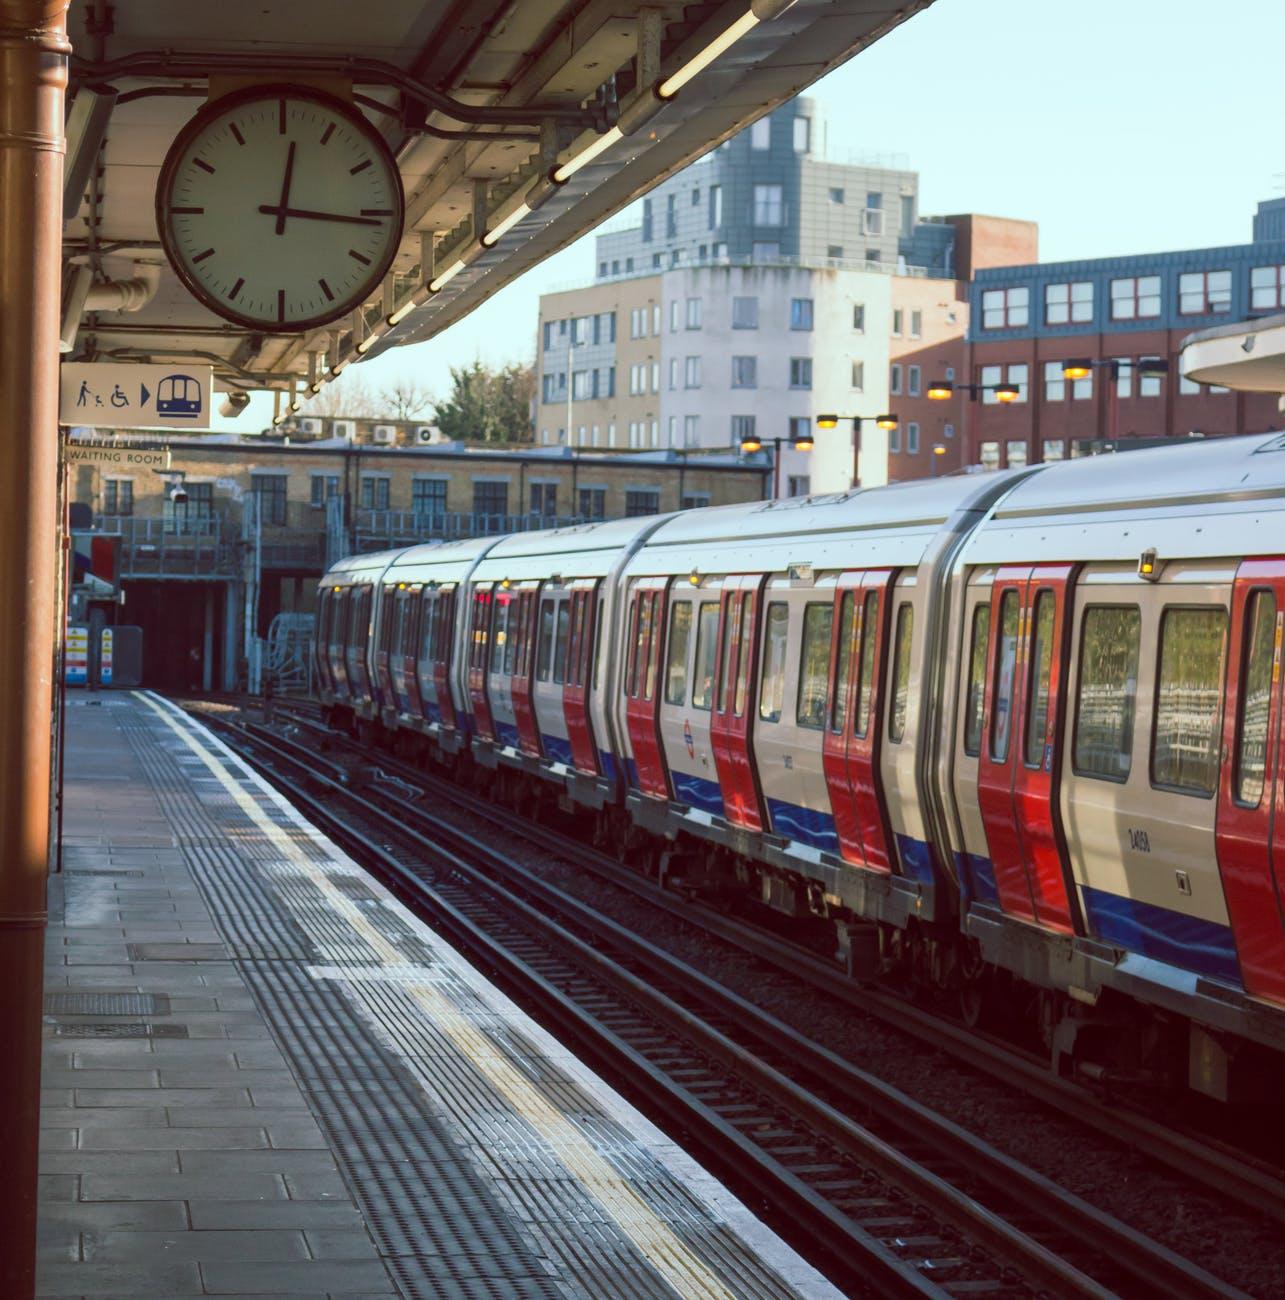 London Trains Noise